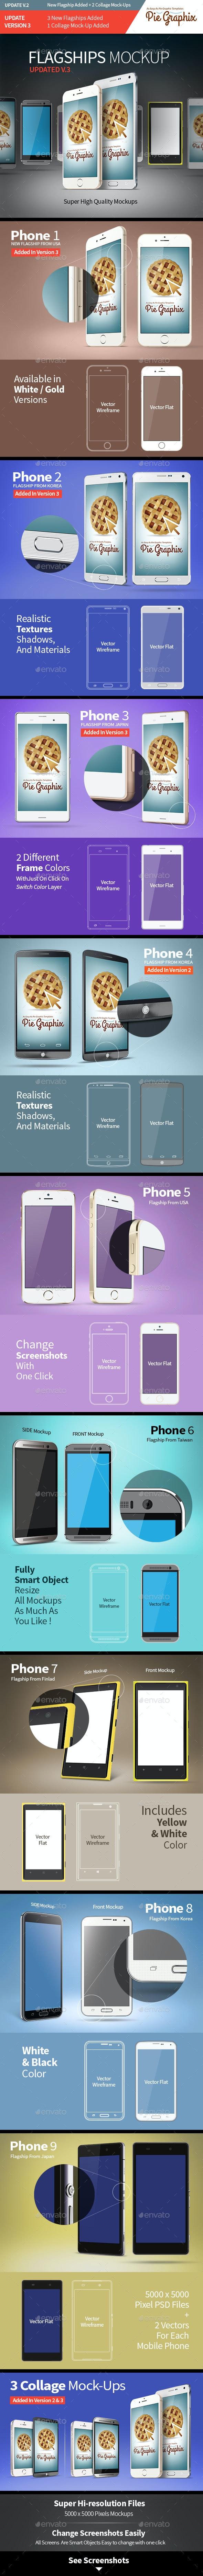 Flagship Smartphones Mock-Up - Mobile Displays